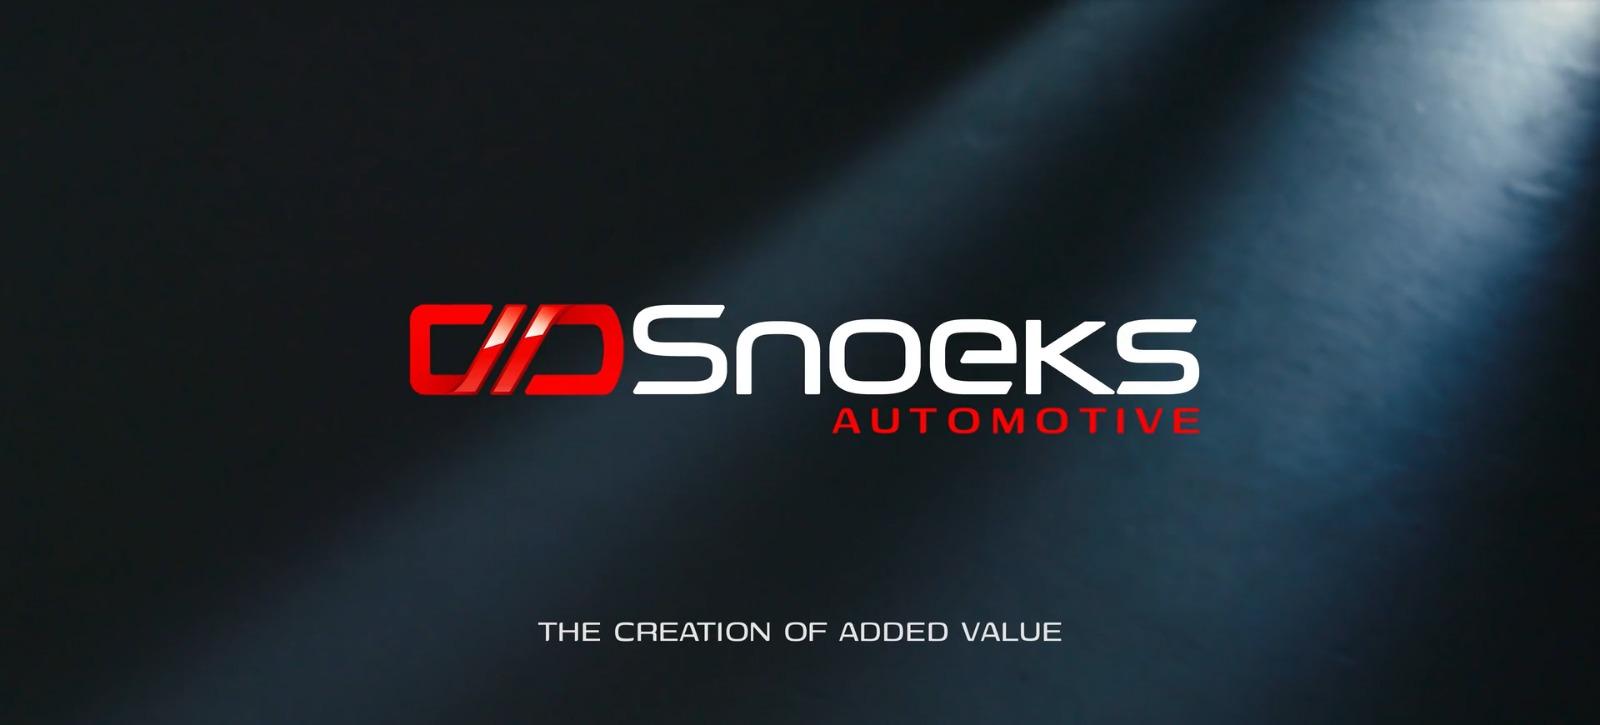 Snoeks Automotive mit neuem Logo bereit für die Zukunft